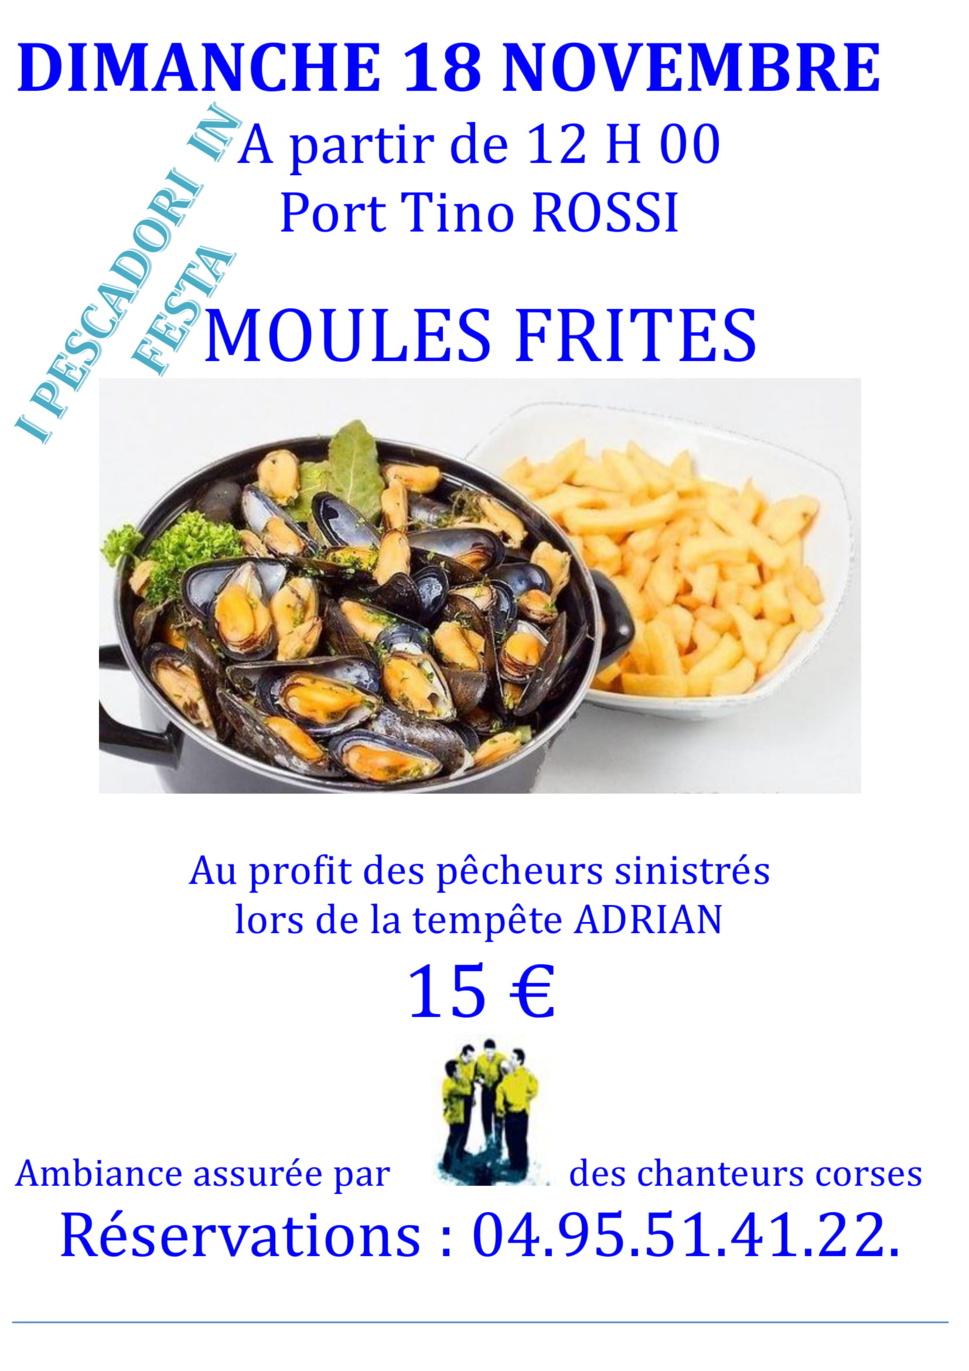 """""""A piscadori uniti, populu unitu"""" : Repas des pescadori in festa en soutien aux pêcheurs impactés par la tempête Adrian"""